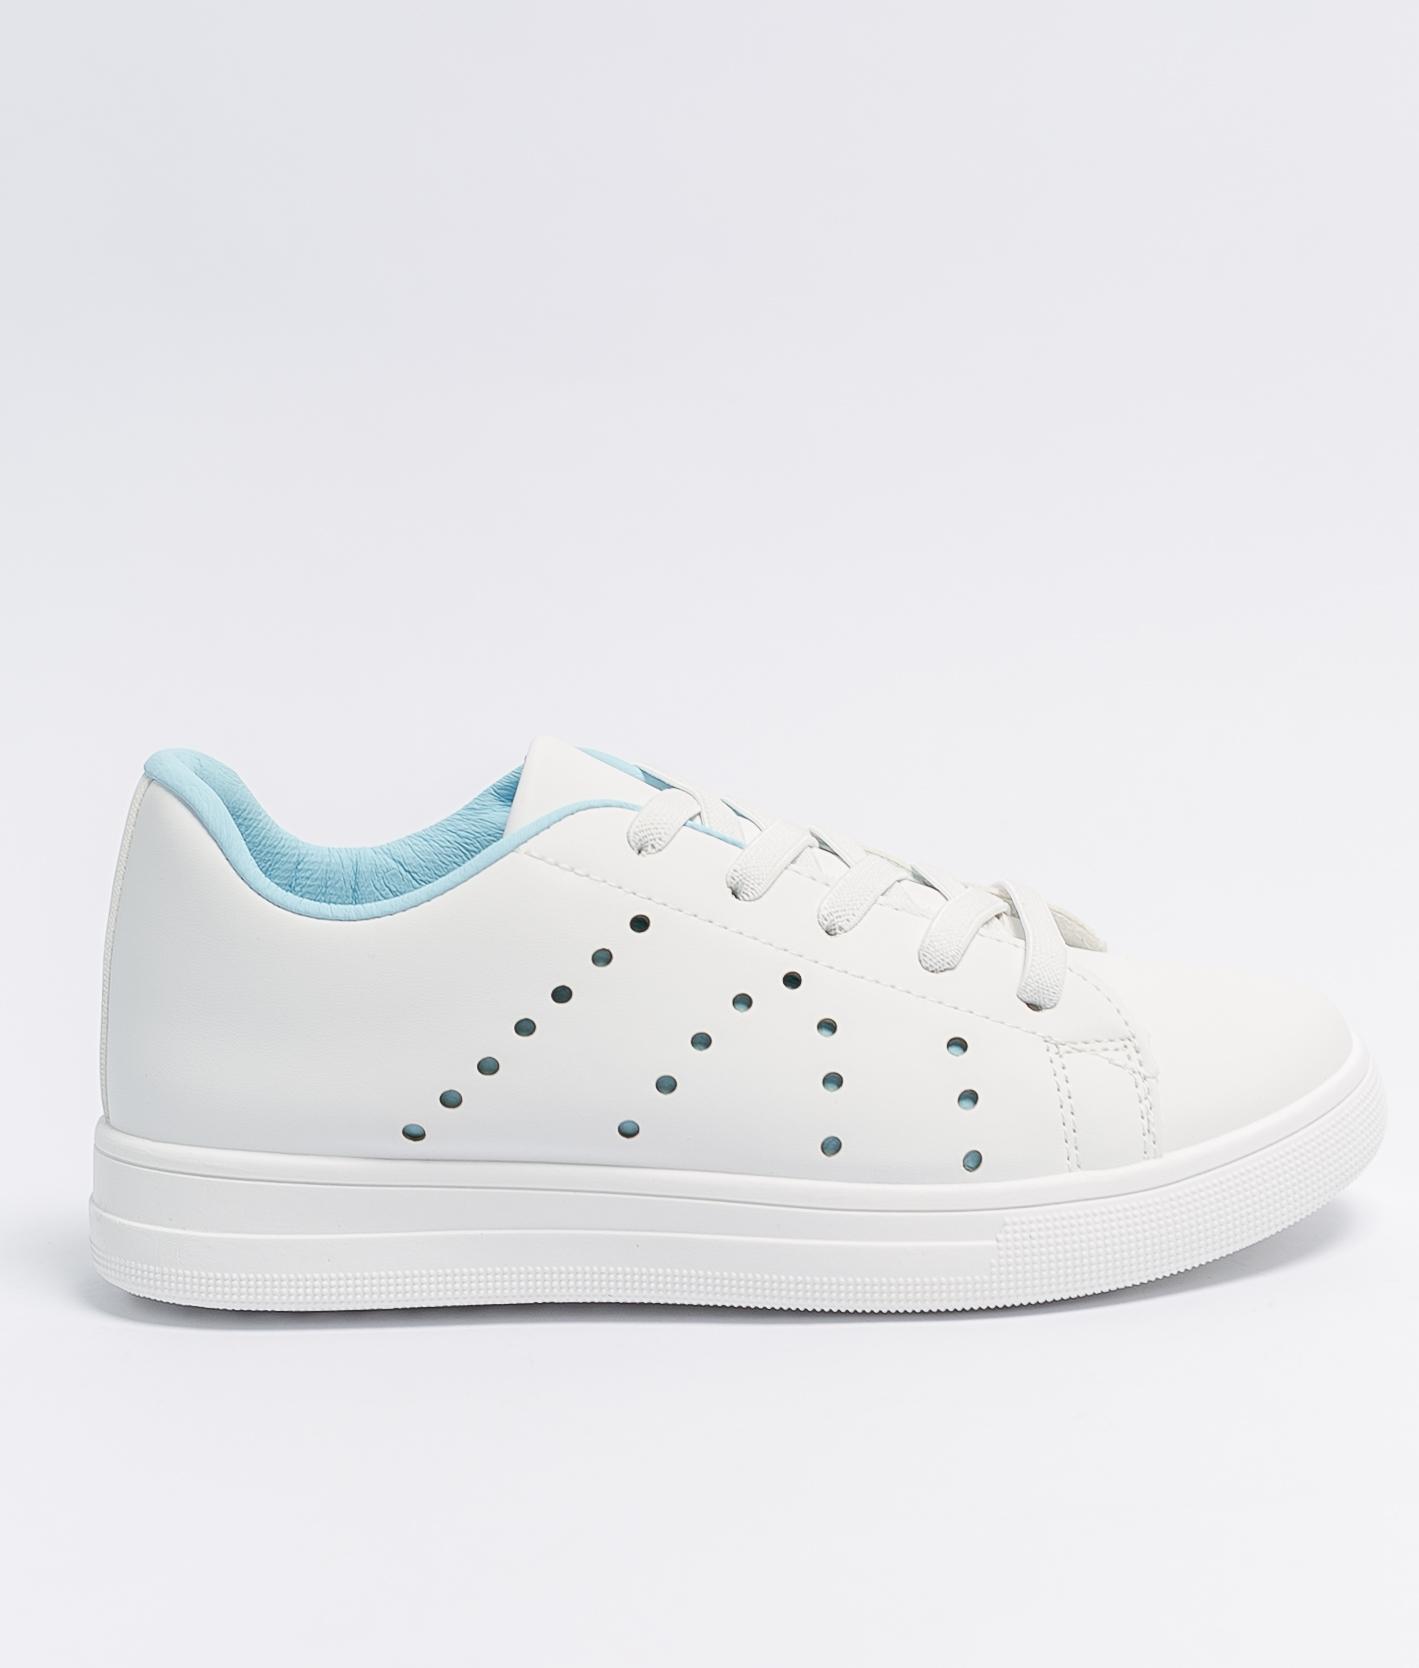 Sneakers Atelier - Blue